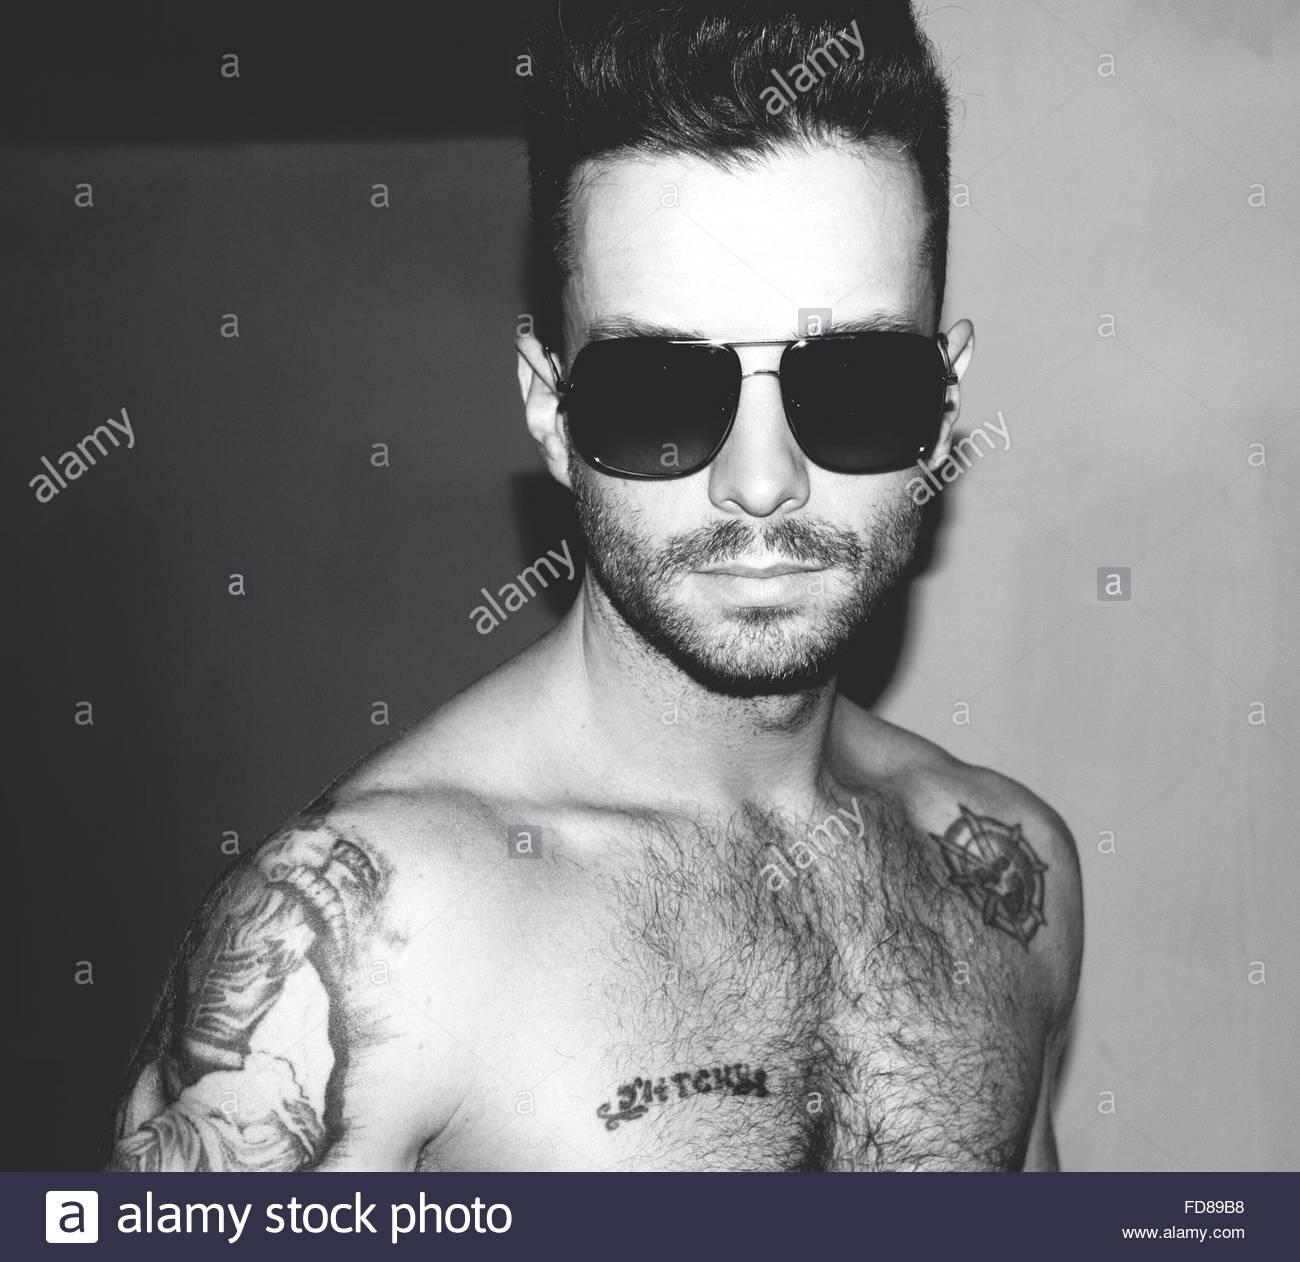 Retrato de descamisados Hombre con gafas de sol en Casa Imagen De Stock